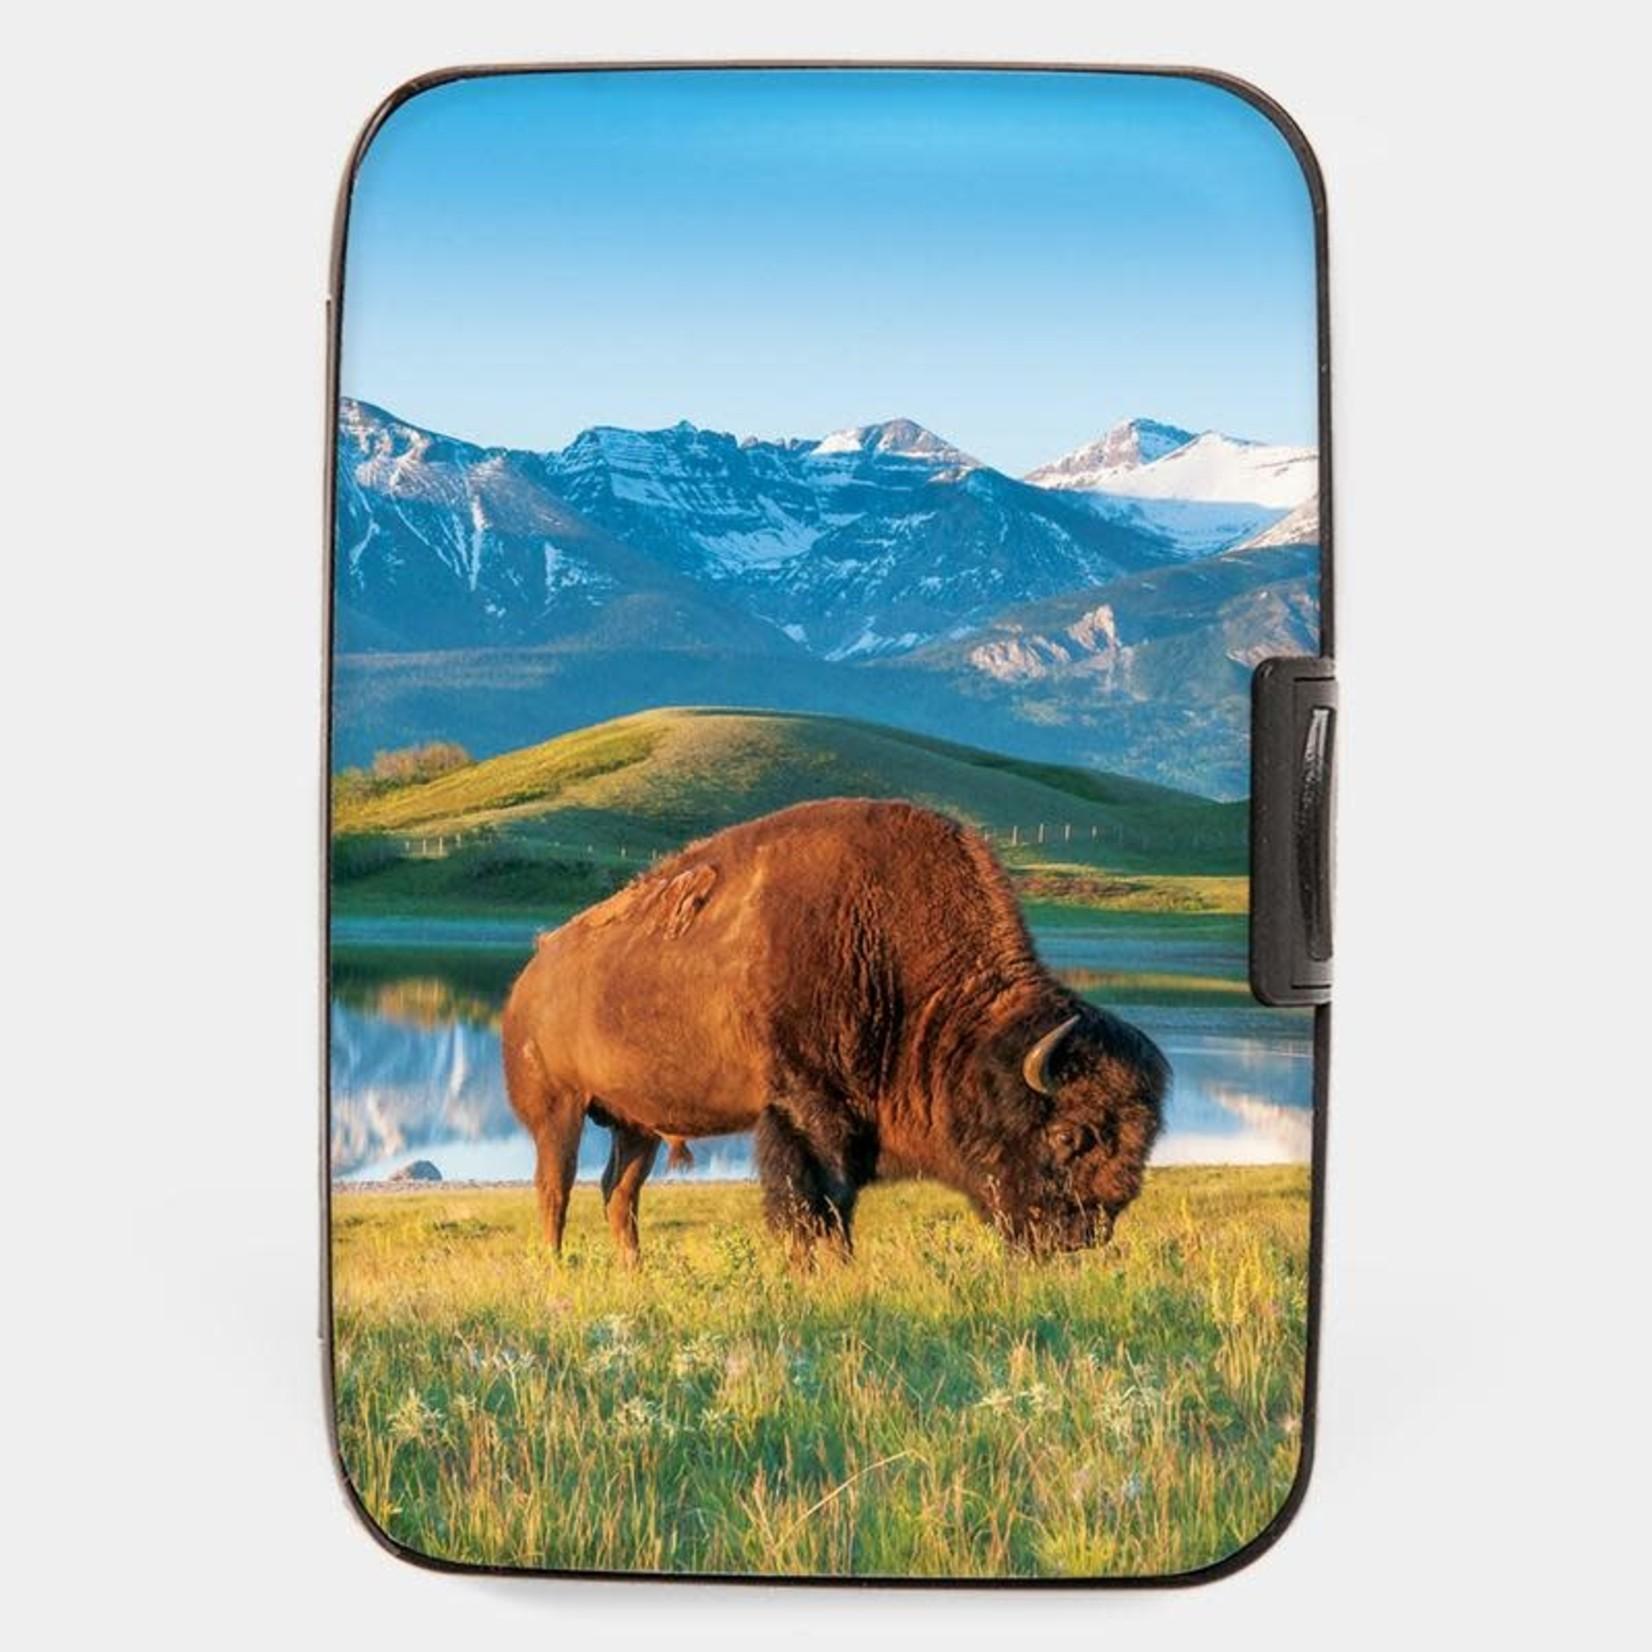 Monarque Armored Wallet - North American Bison